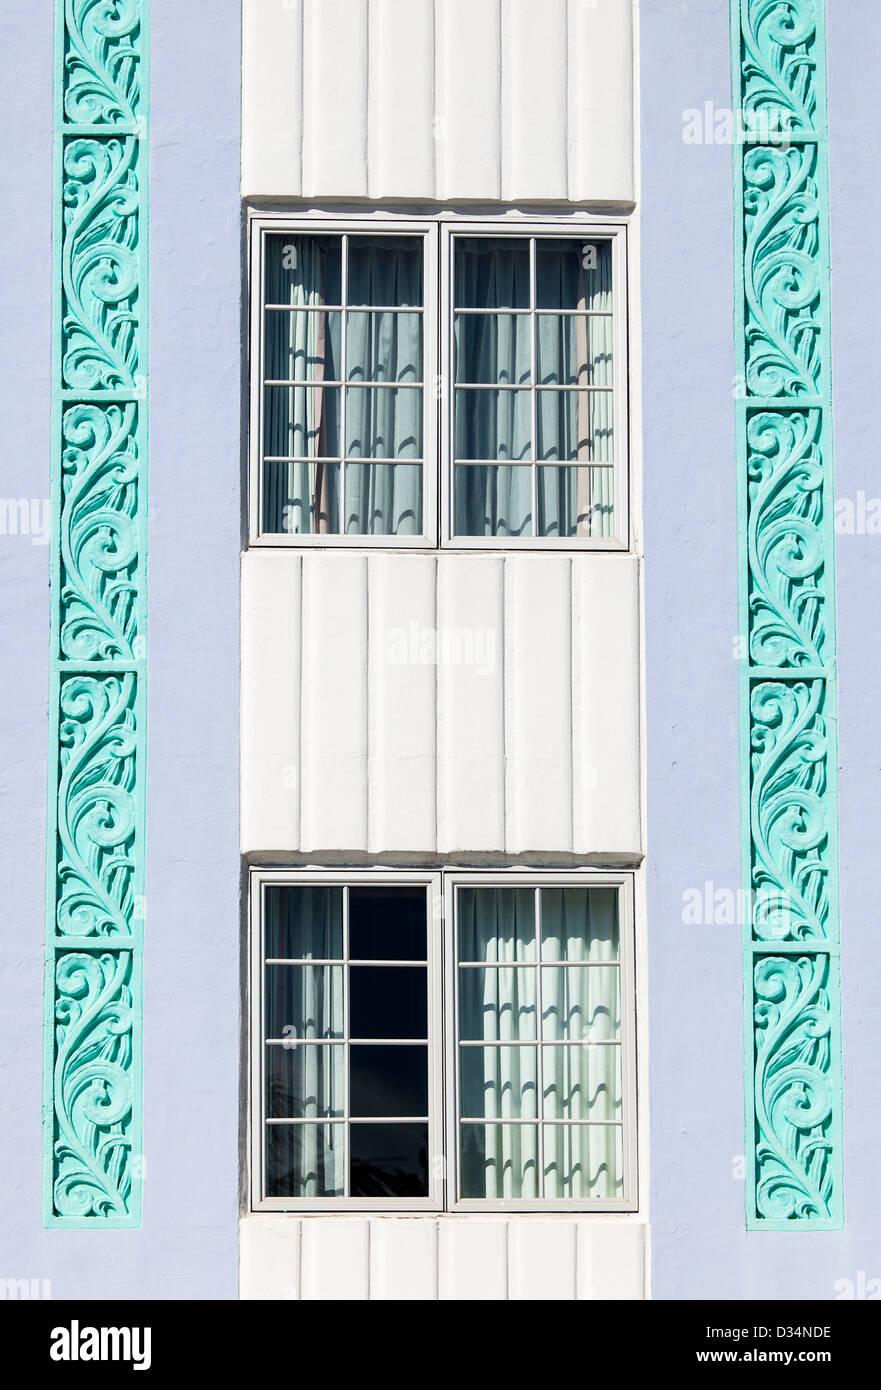 Détail de deux fenêtres, quartier Art déco, South Beach, Miami Beach, États-Unis Photo Stock